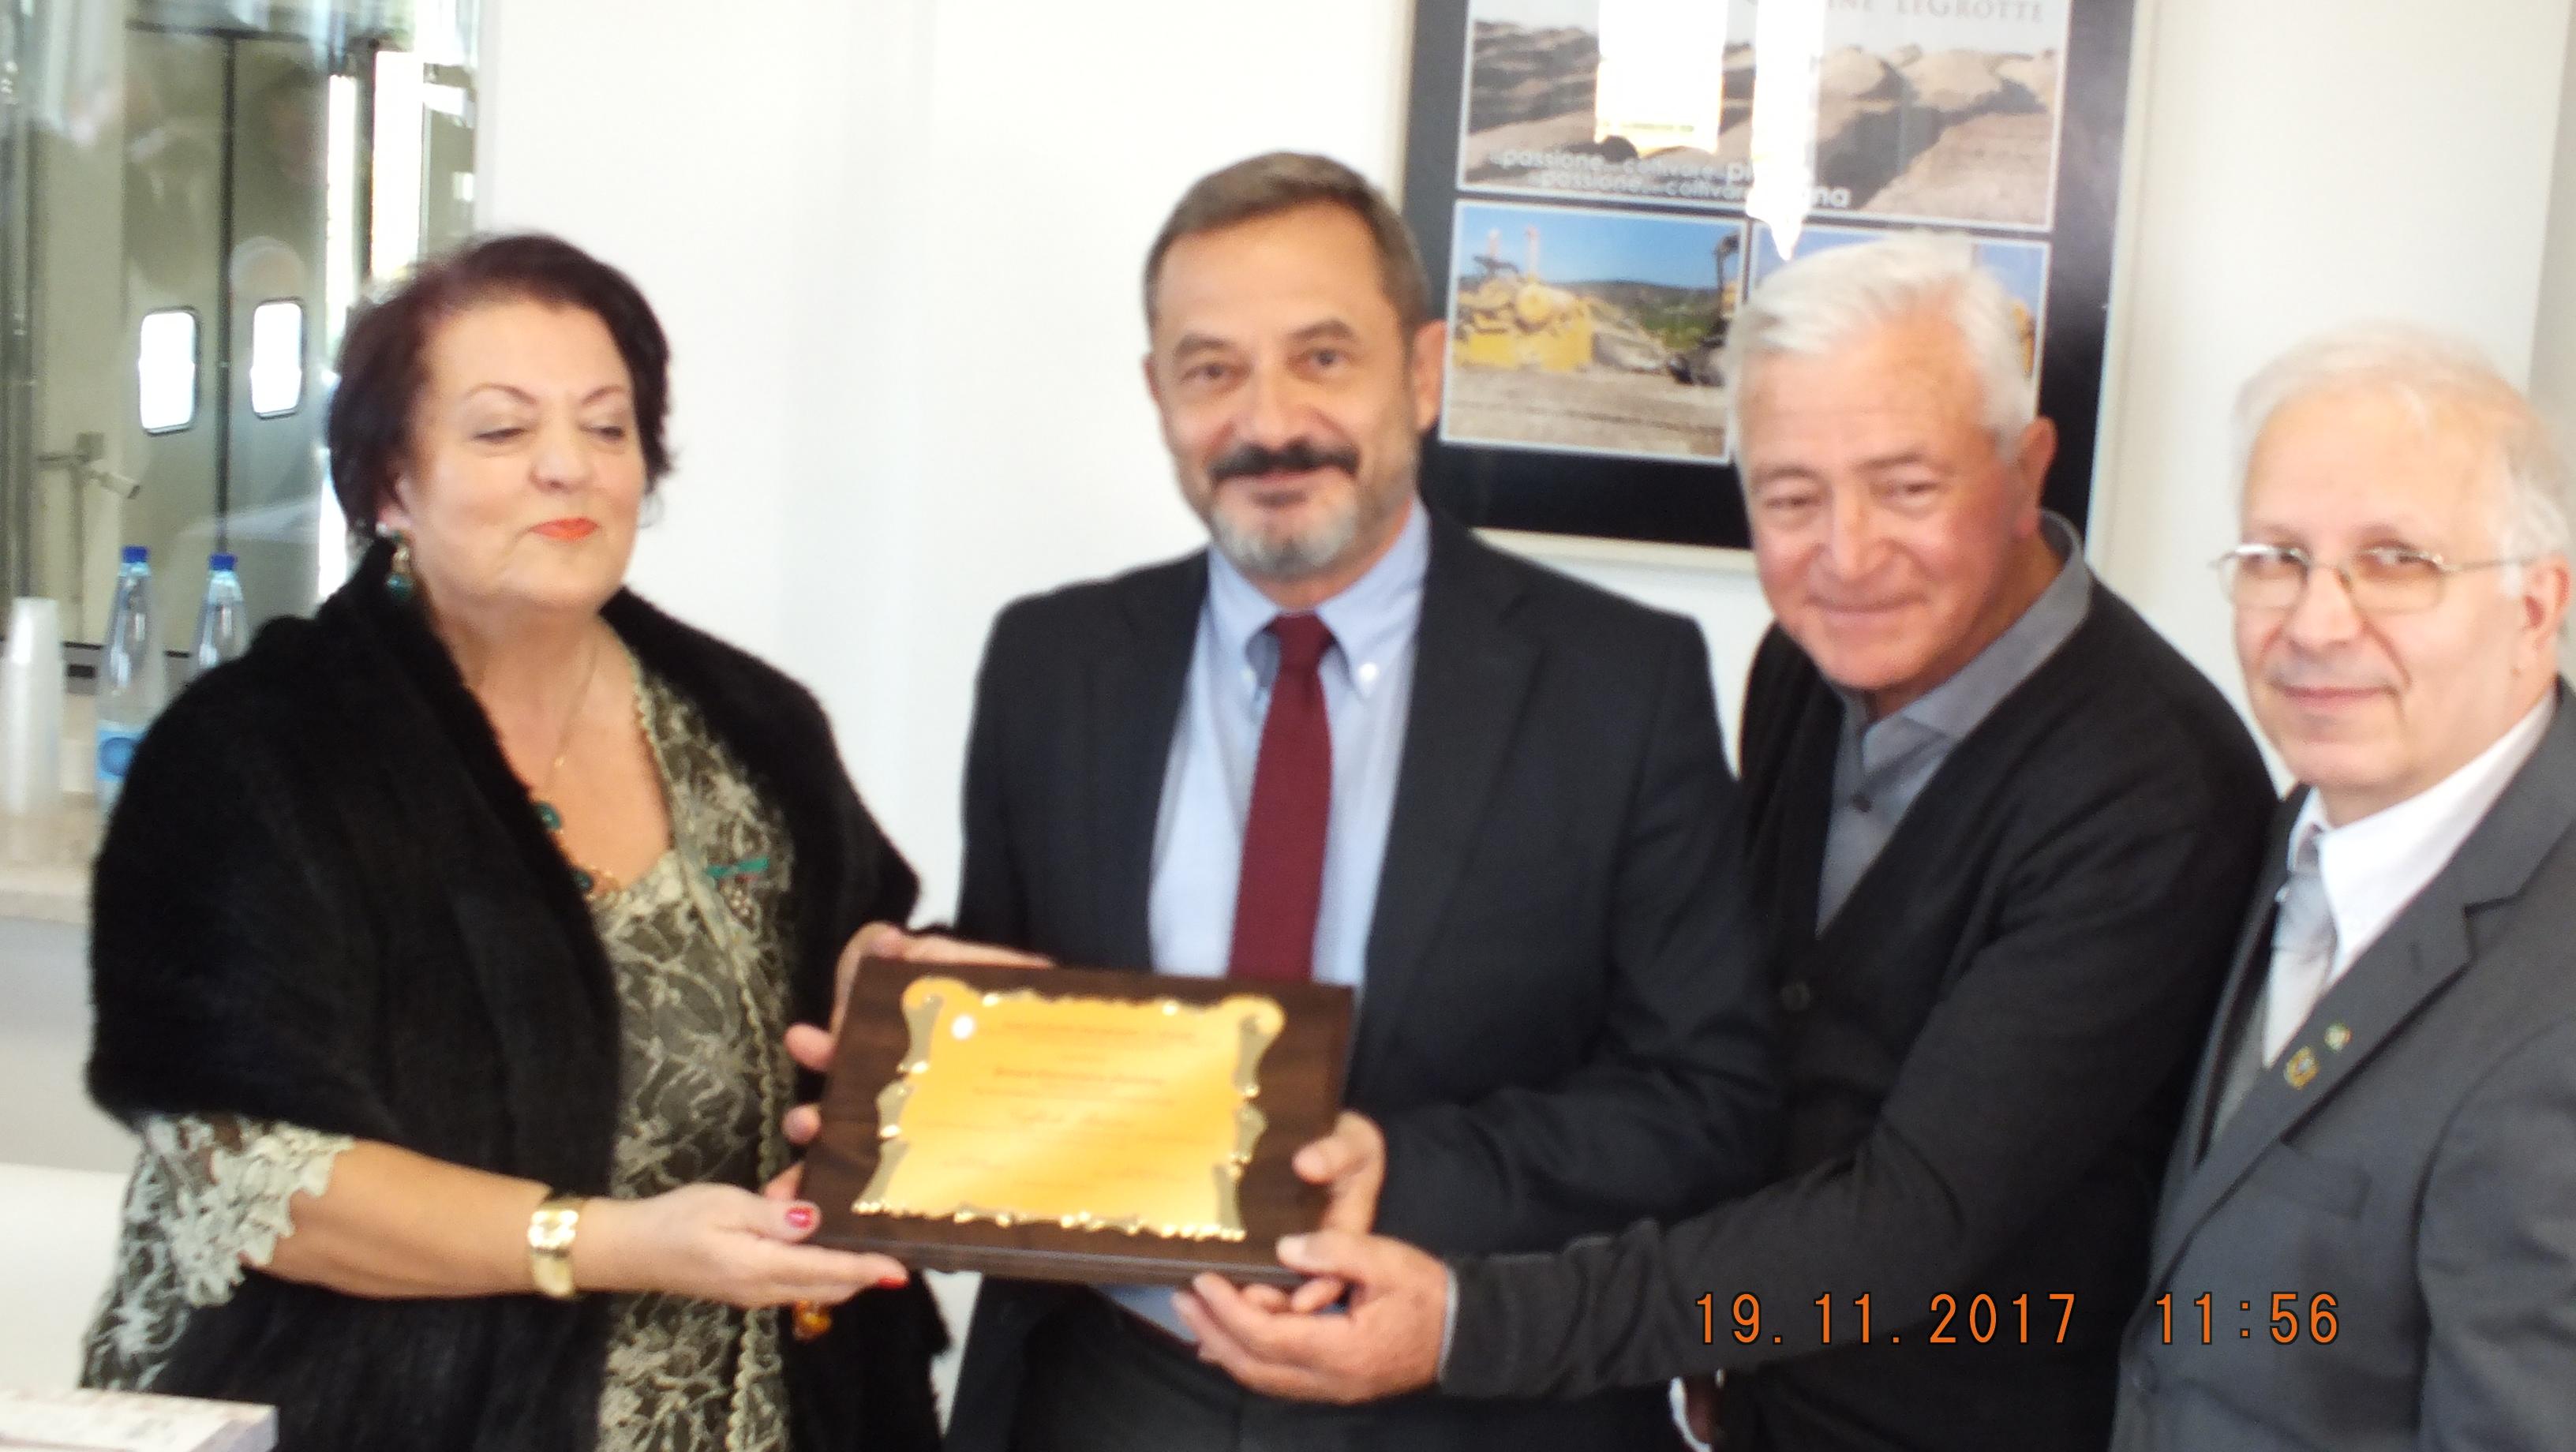 2017 riceve il premio G.Buccini